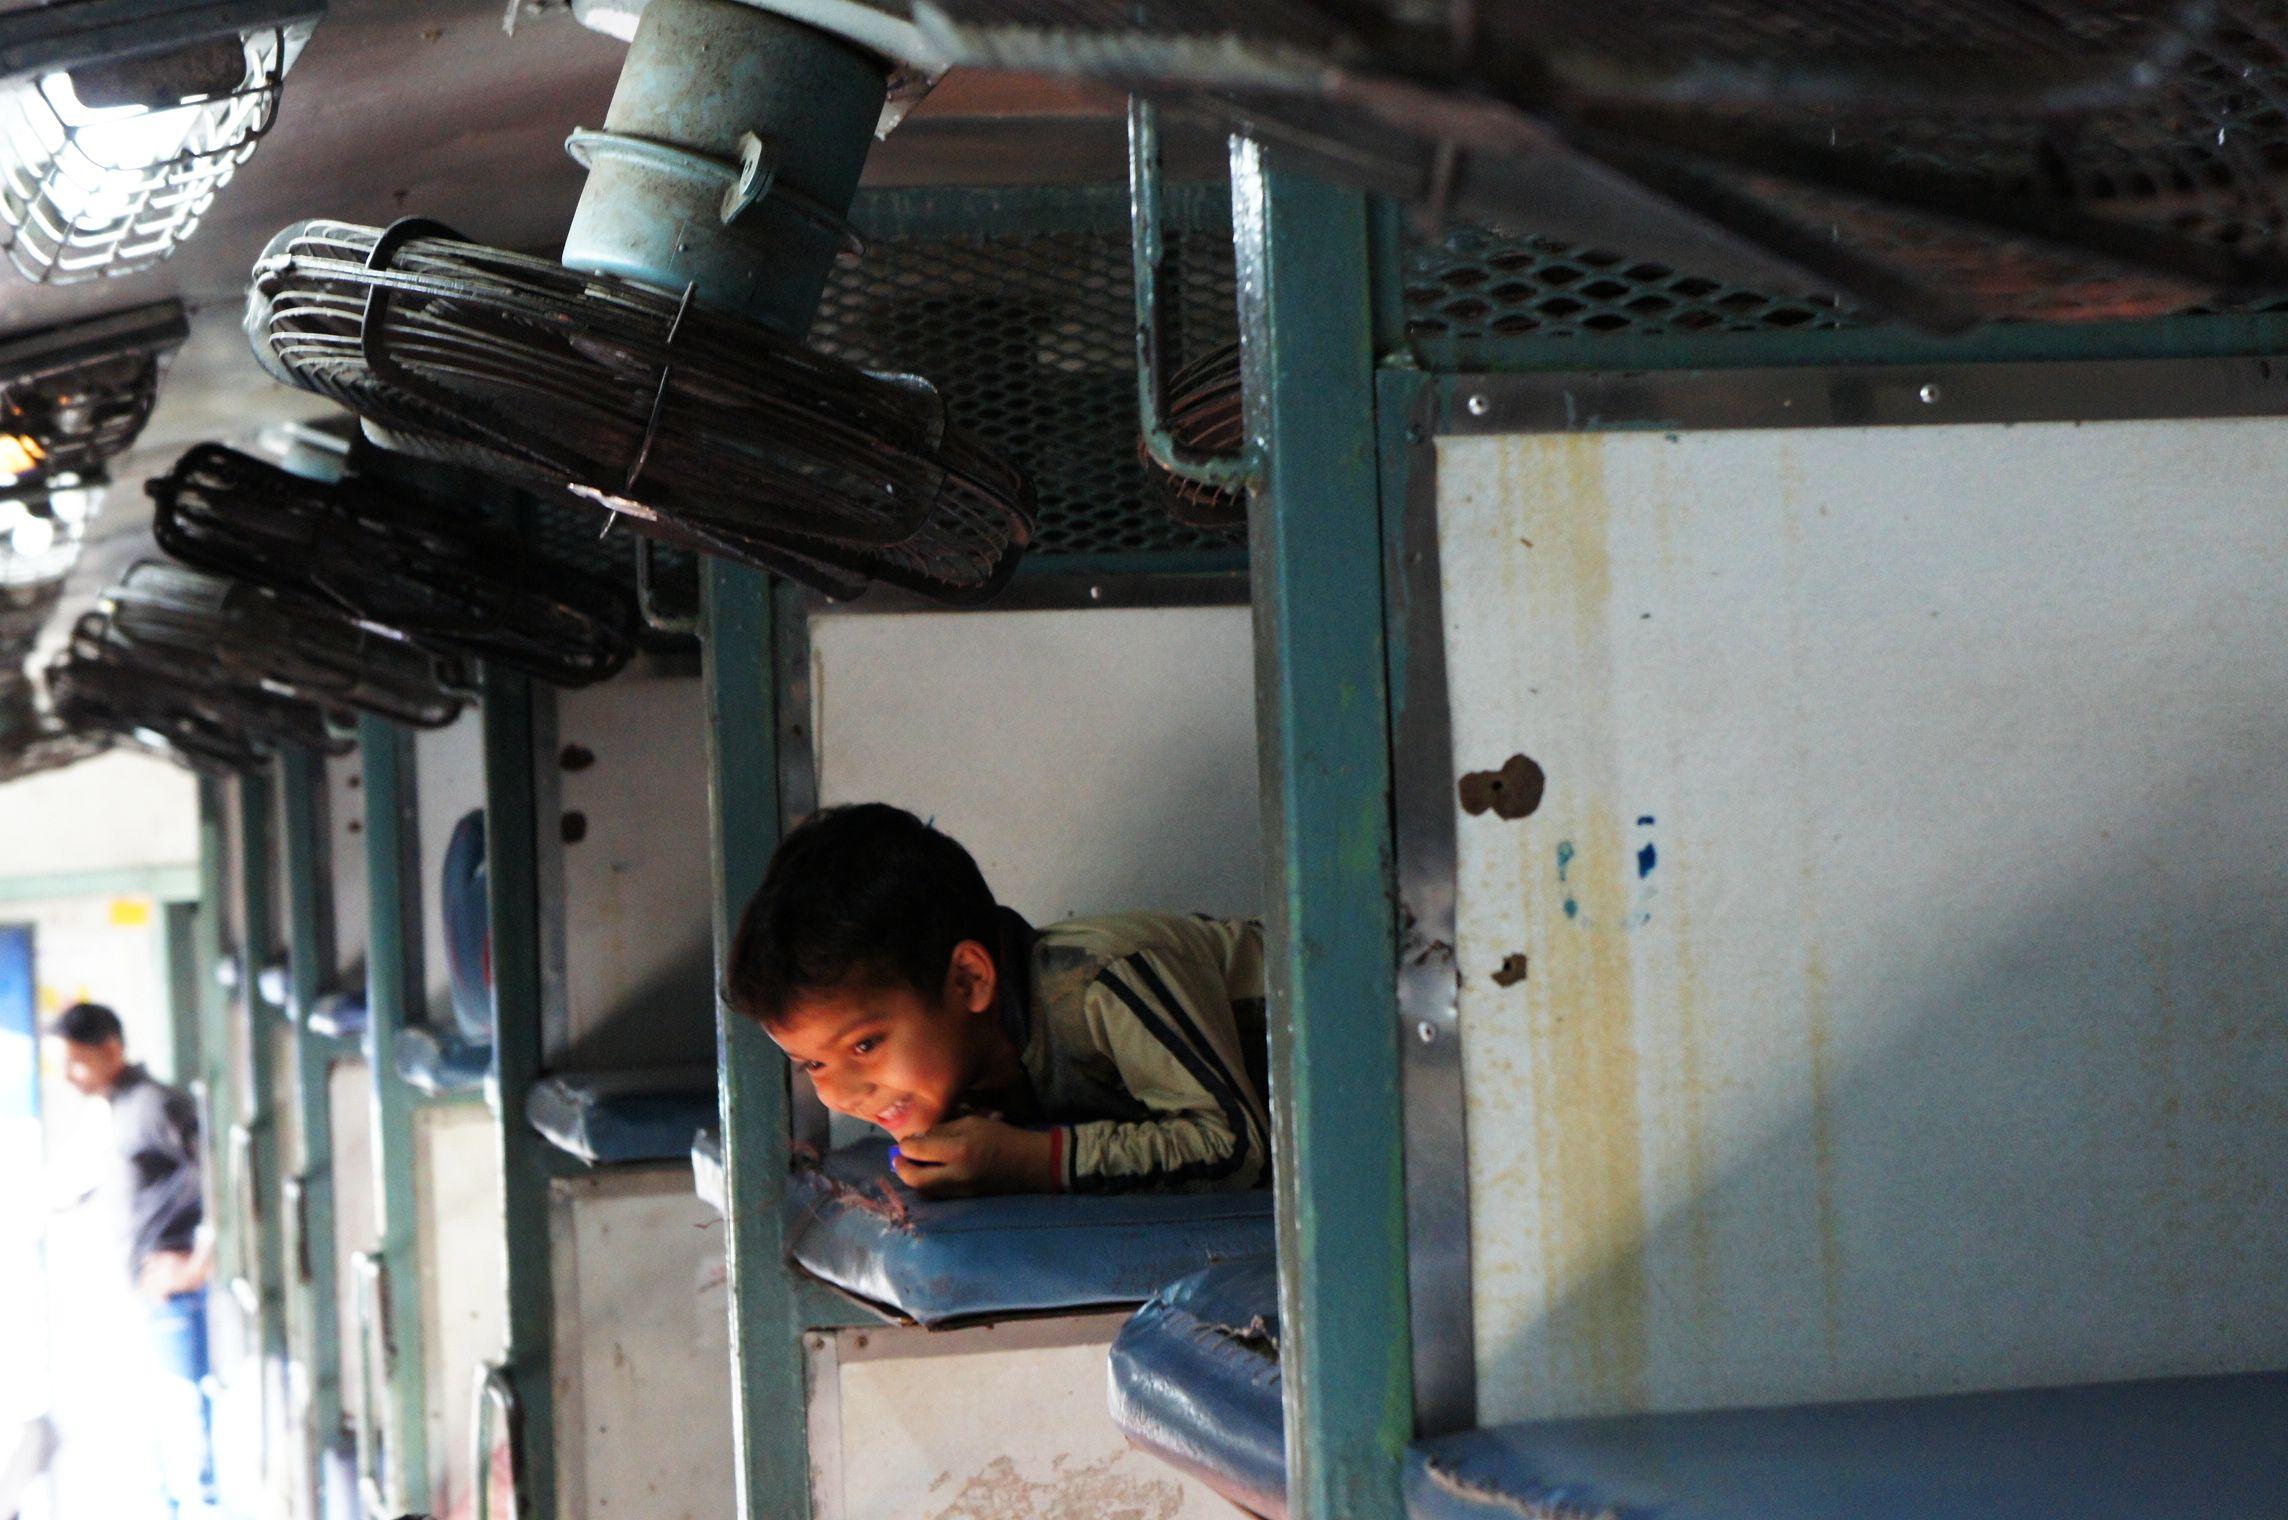 Als Frau in Indien reisen - Im Zug